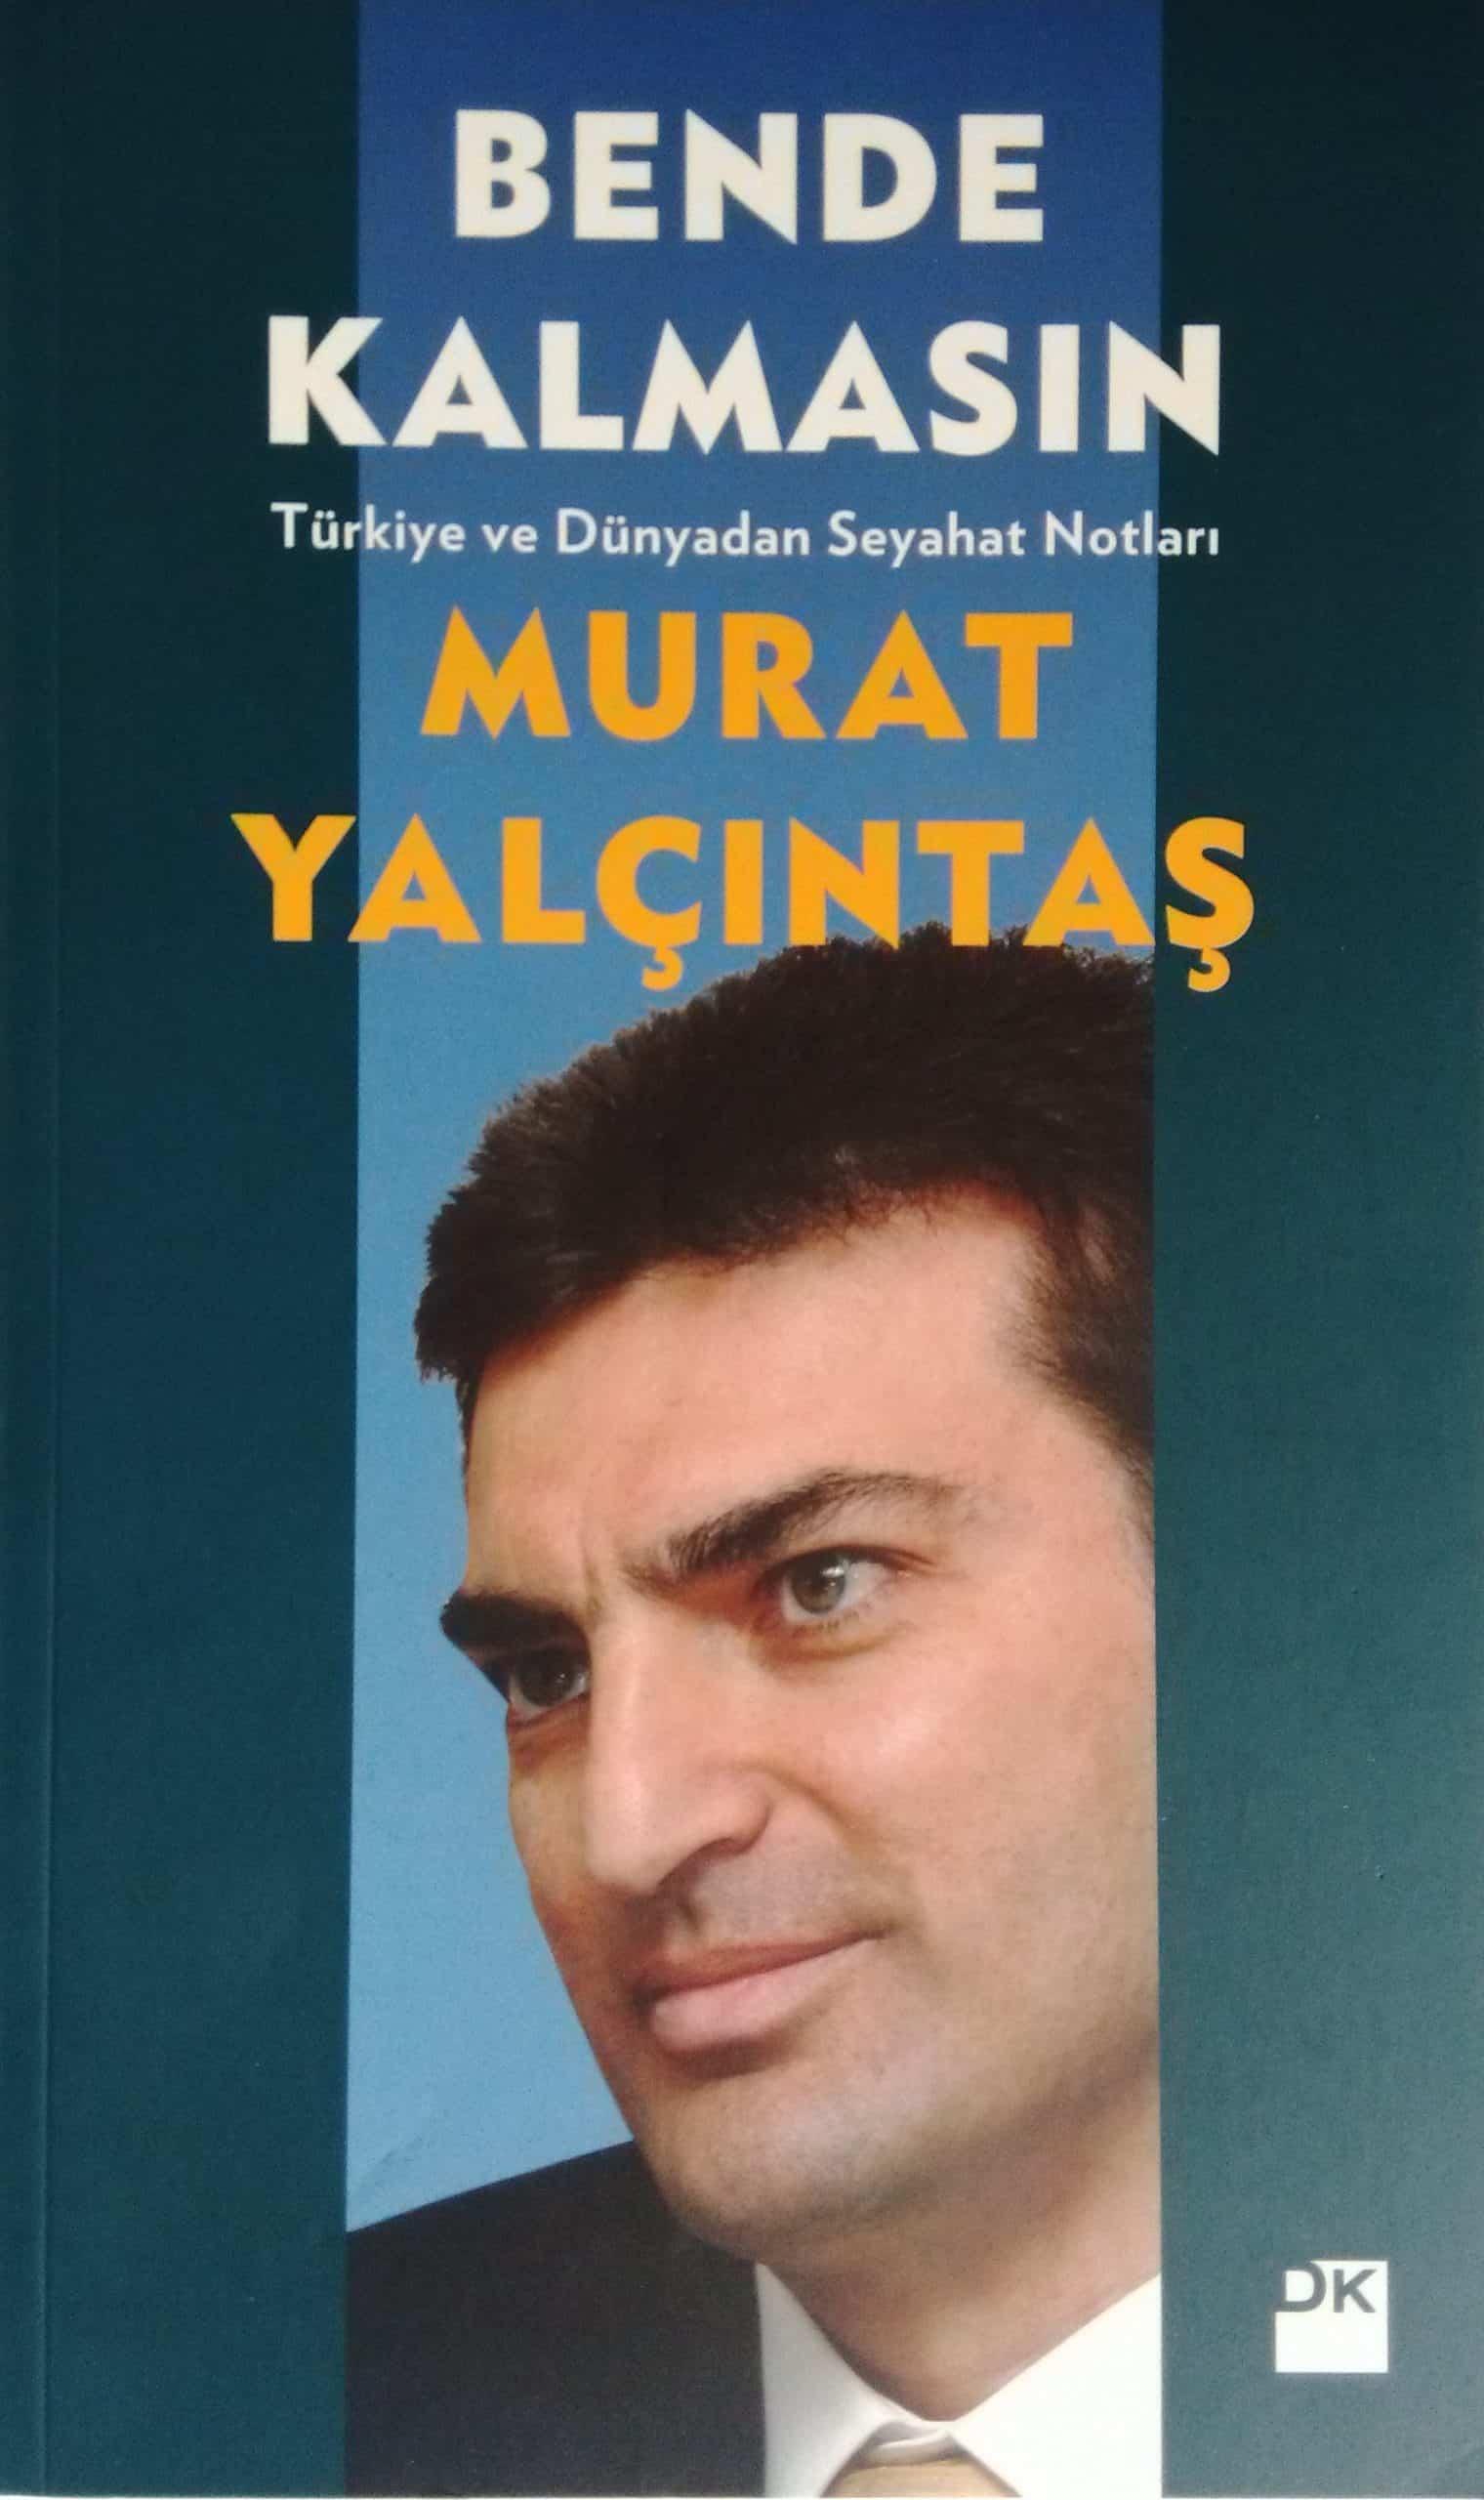 Murat Yalçıntaş - Bende Kalmasın